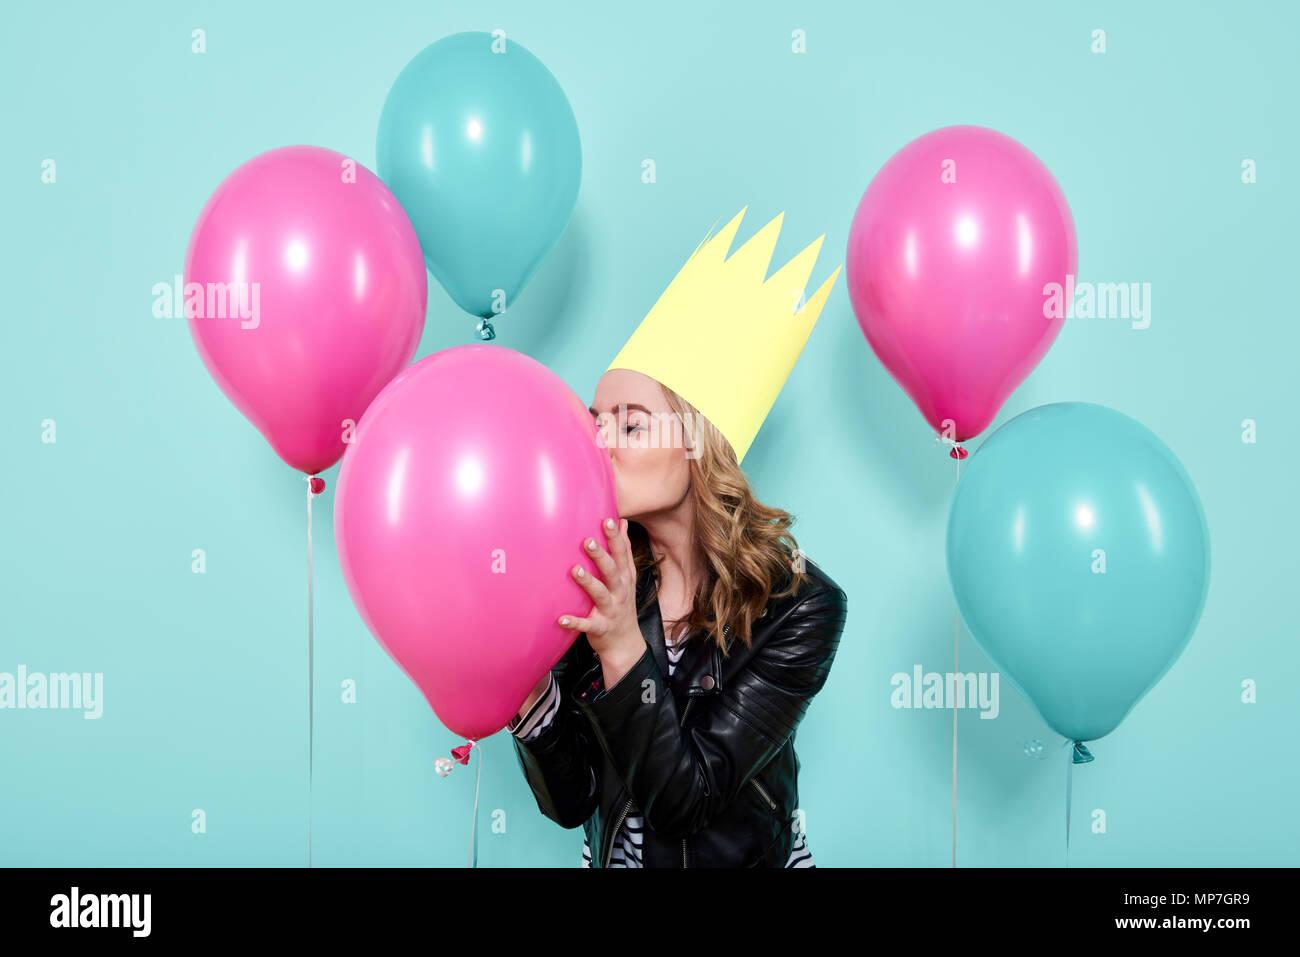 Hermosa joven con chaqueta de cuero y gorro de fiesta kissing balloon colorida, aislado sobre fondo de color azul pastel. Concepto de fiesta de cumpleaños. Imagen De Stock